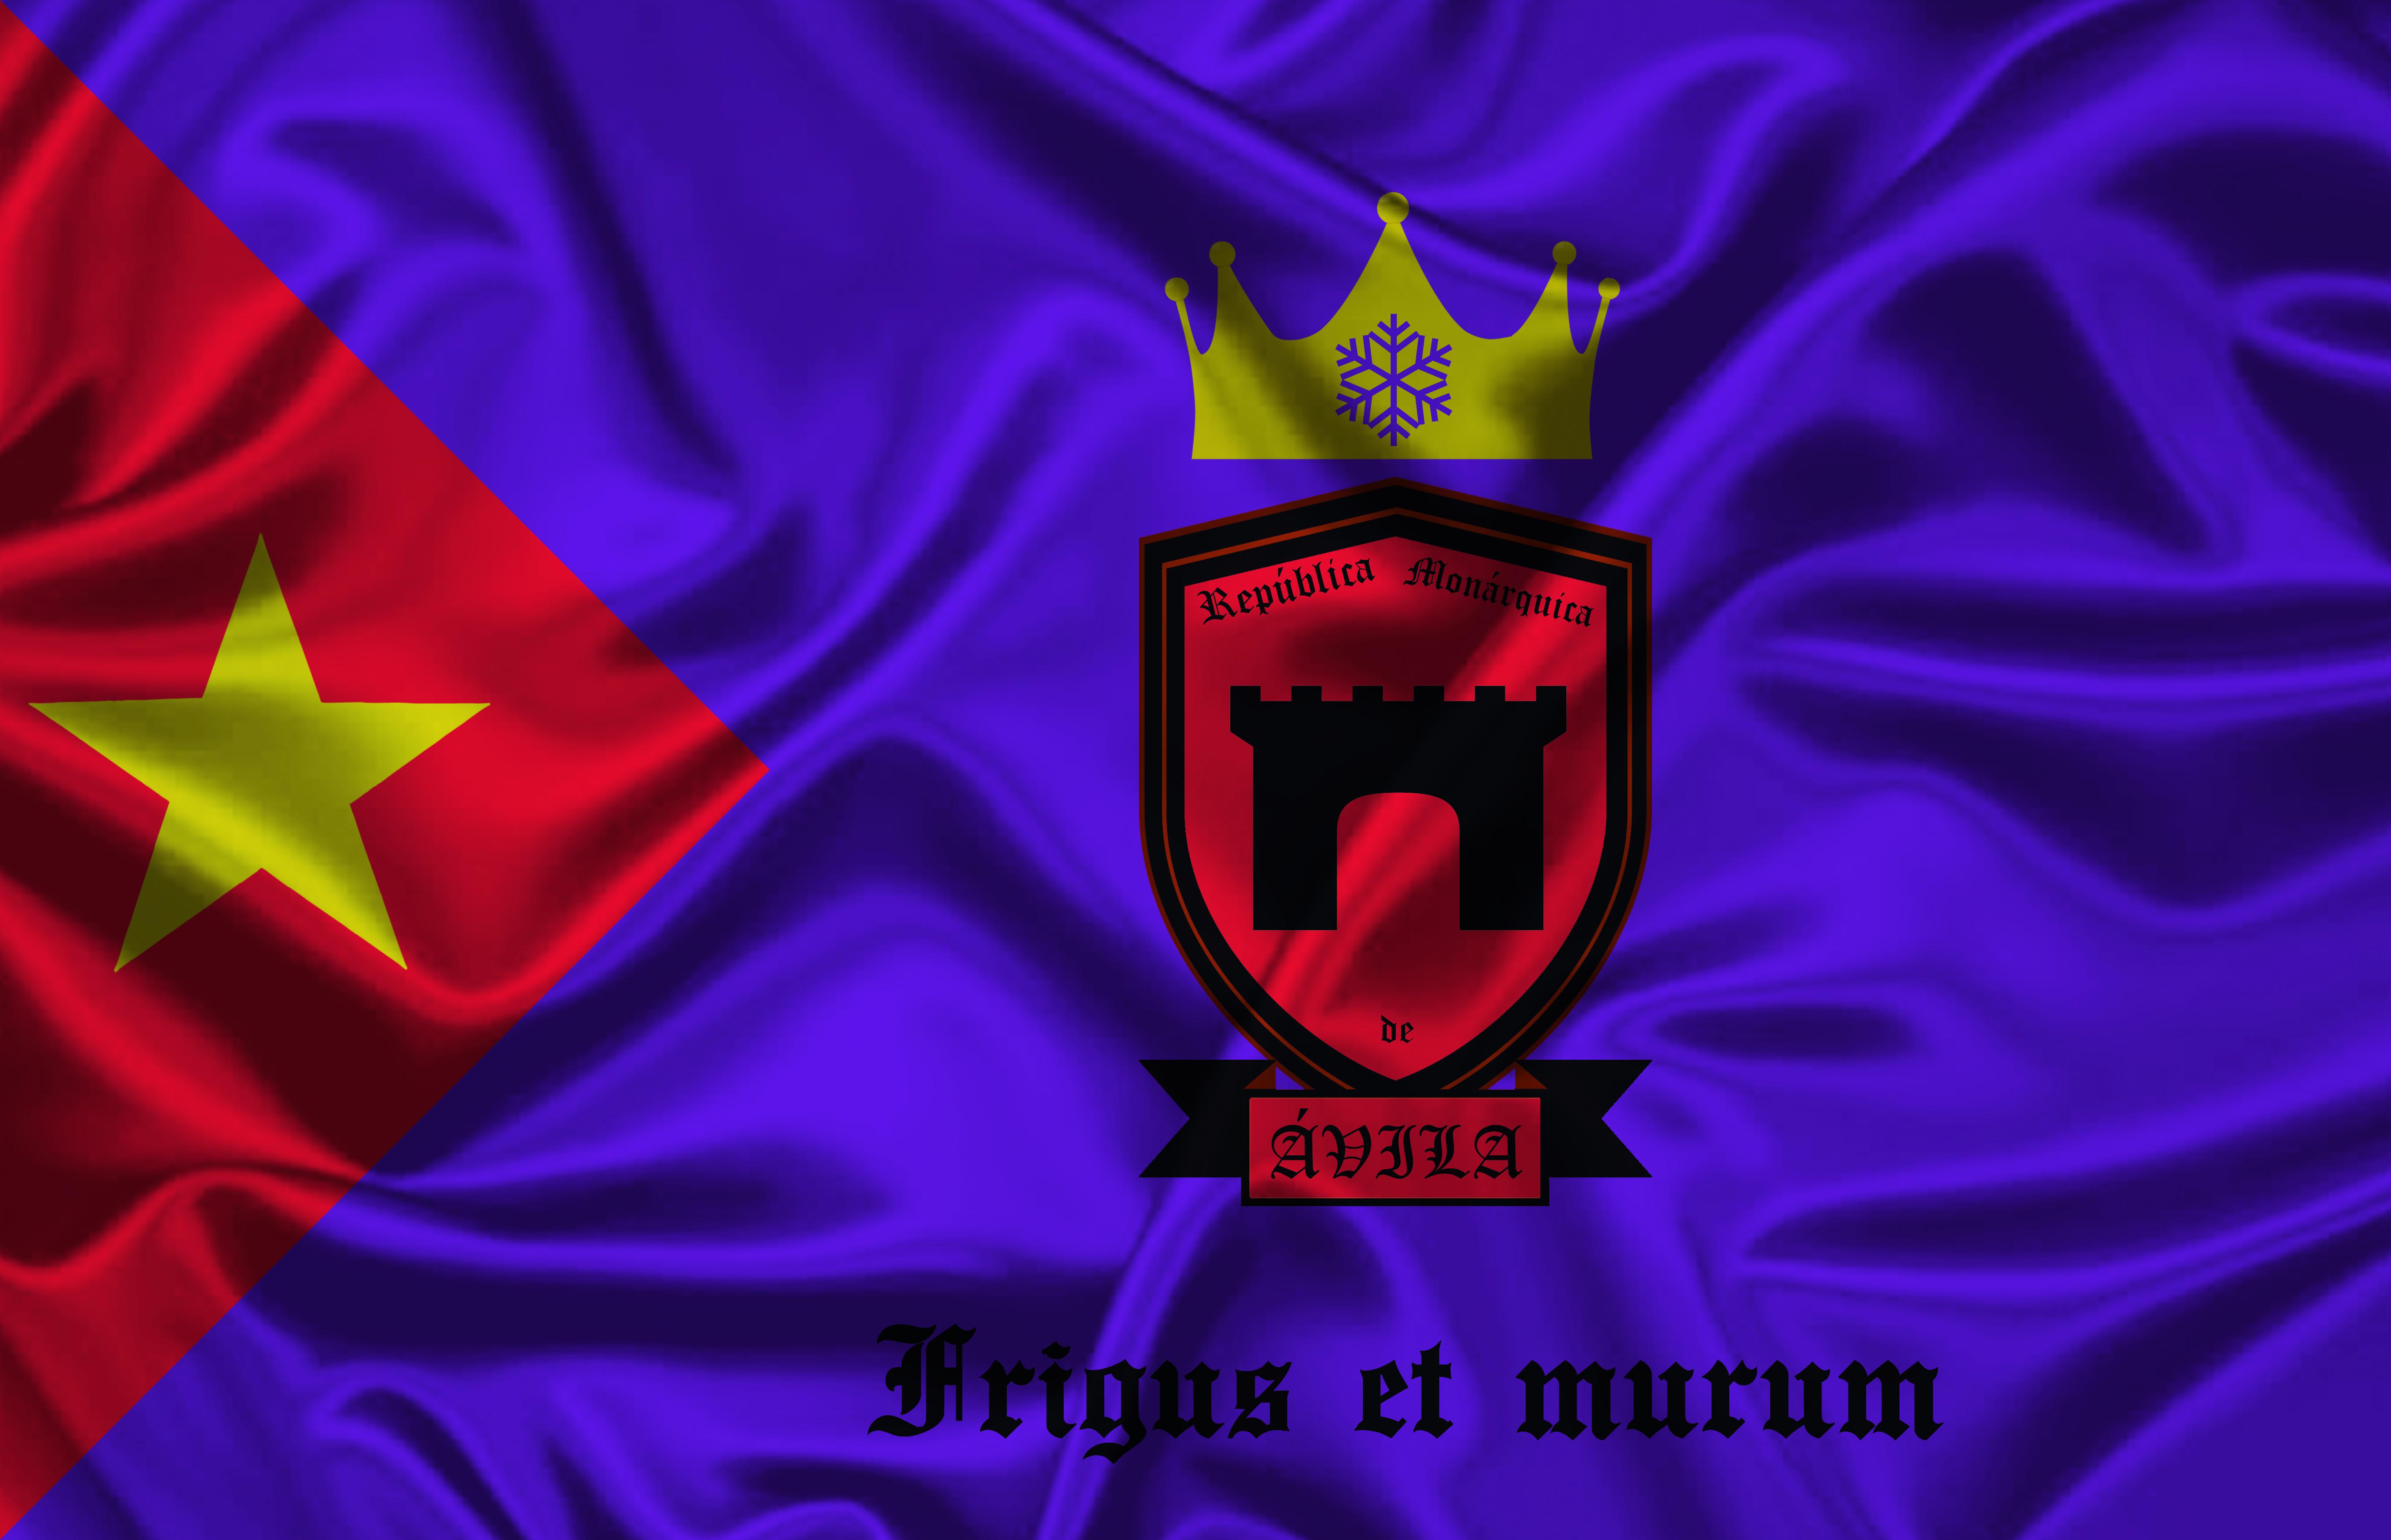 Bandera de la República Monárquica de Ávila